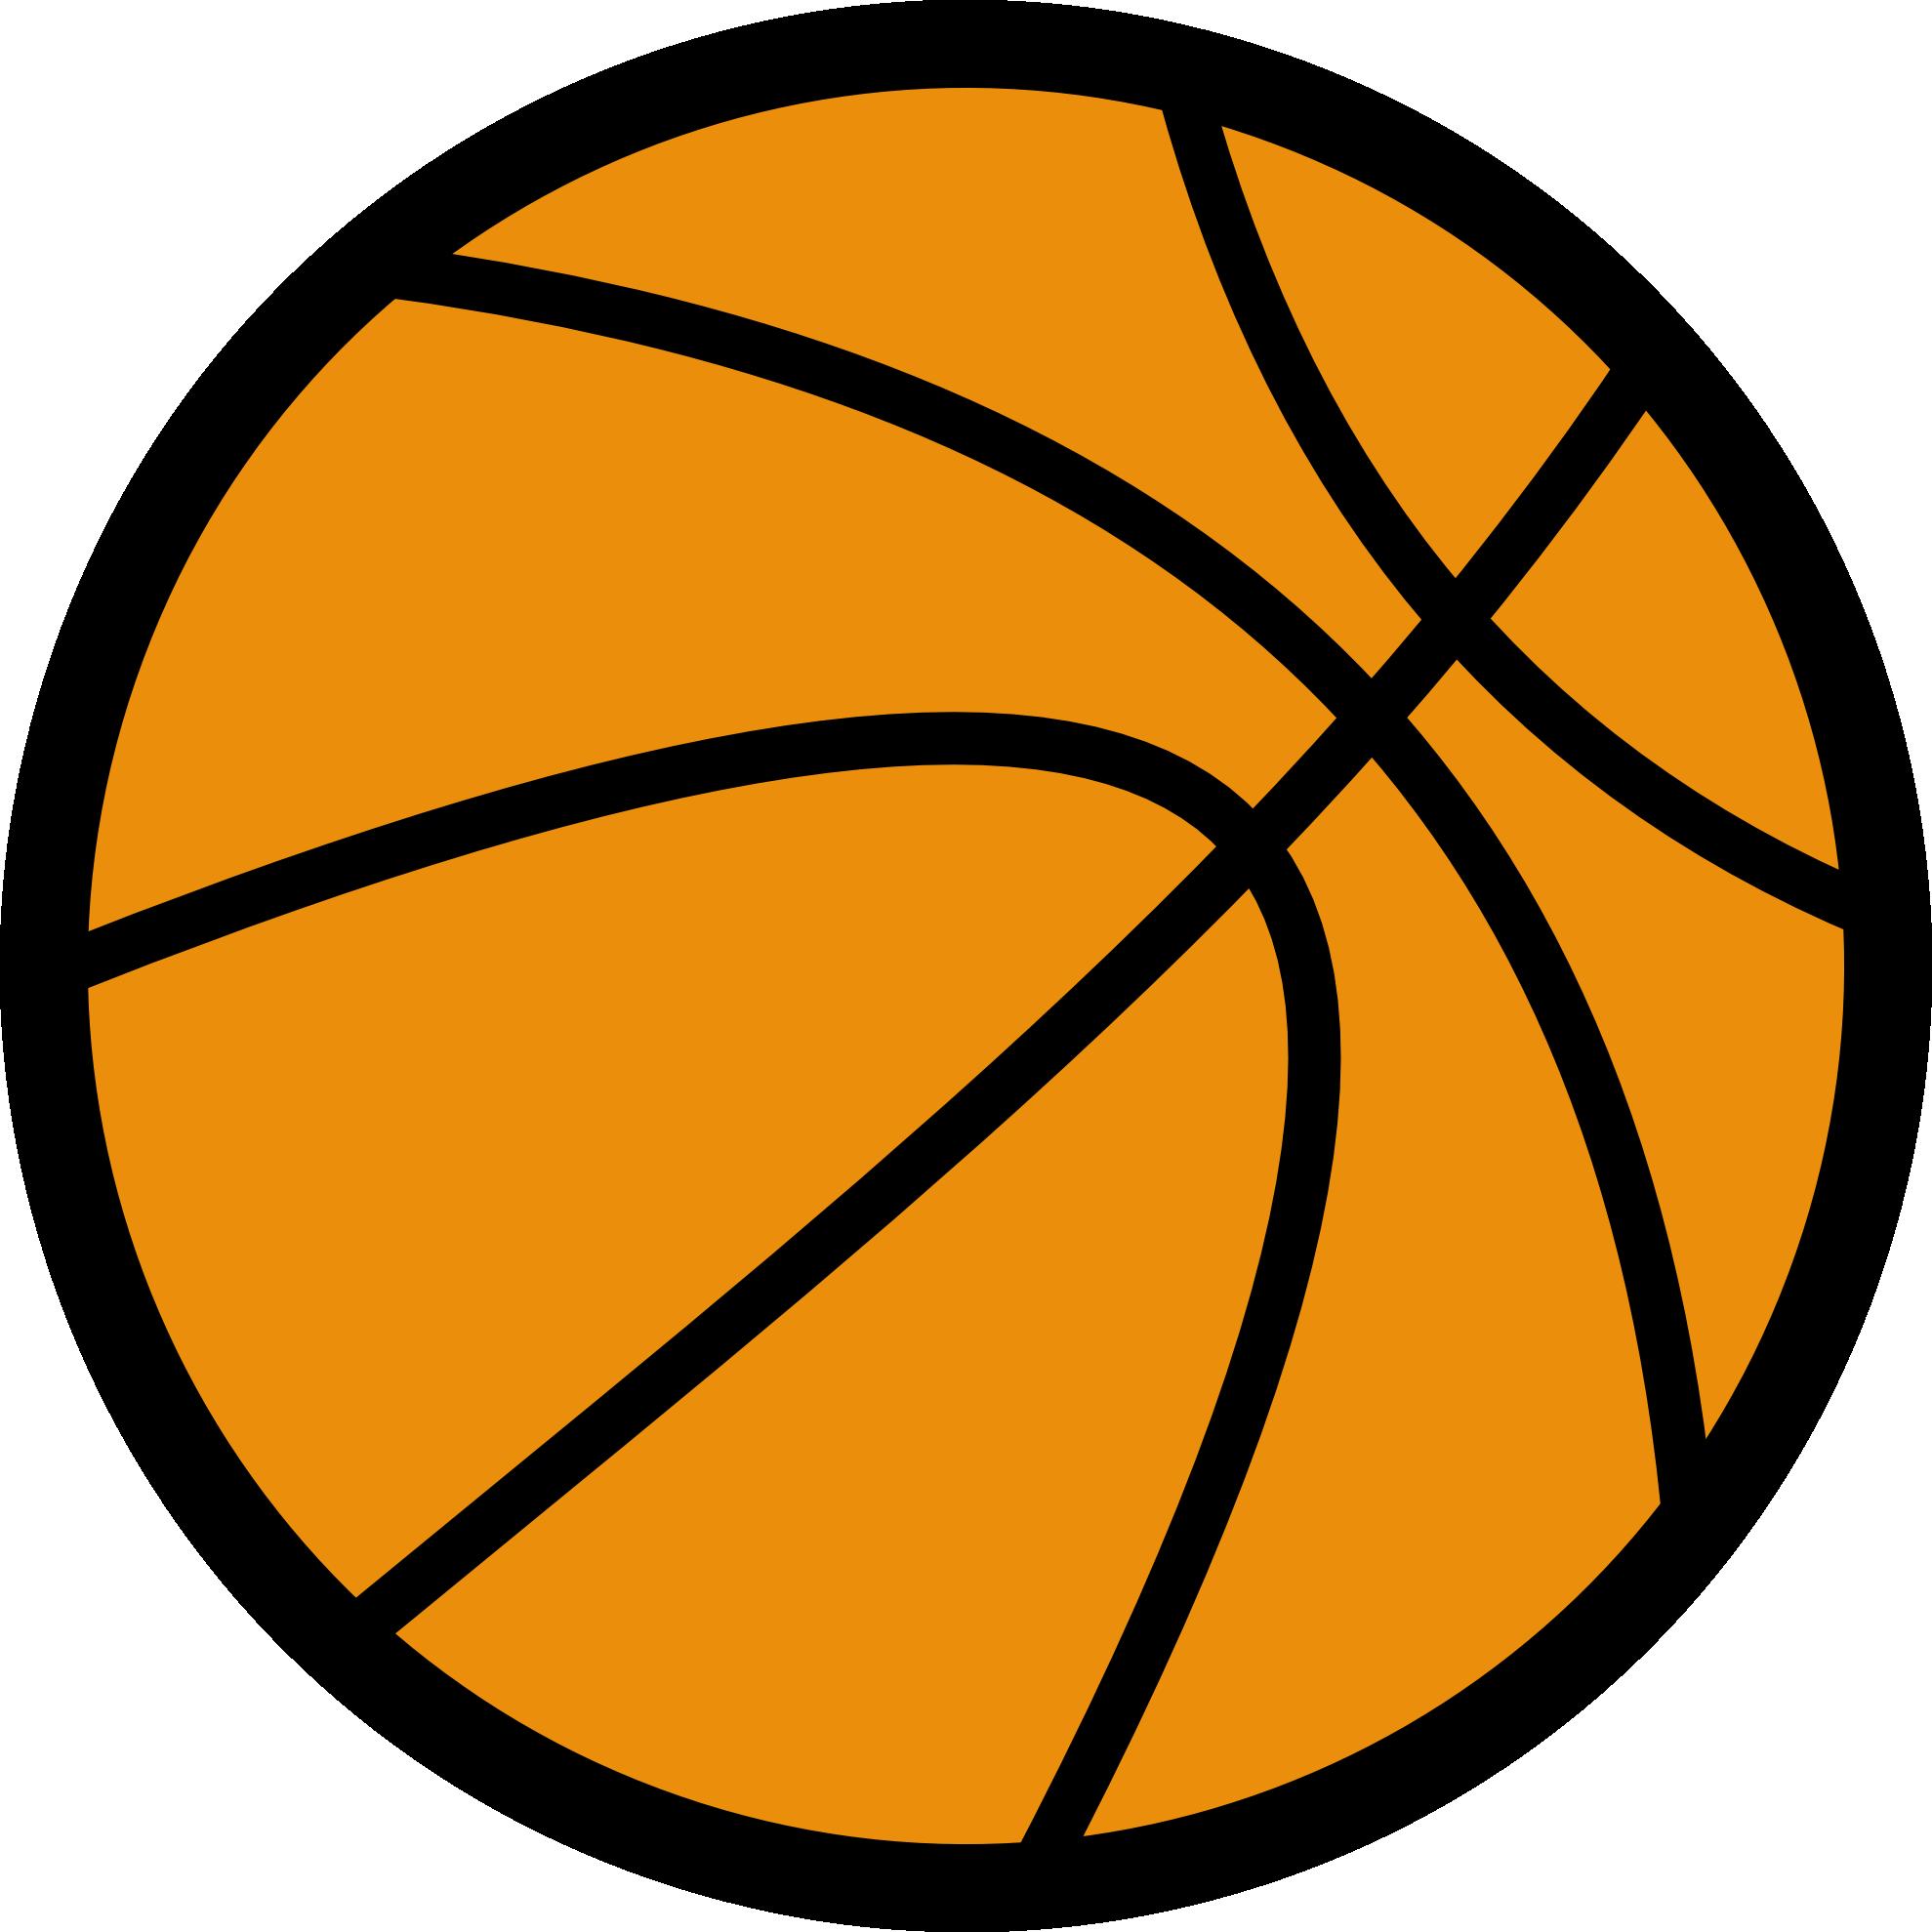 Ball clipart cartoon basketball I Clipart Desktop Clipart Basketball